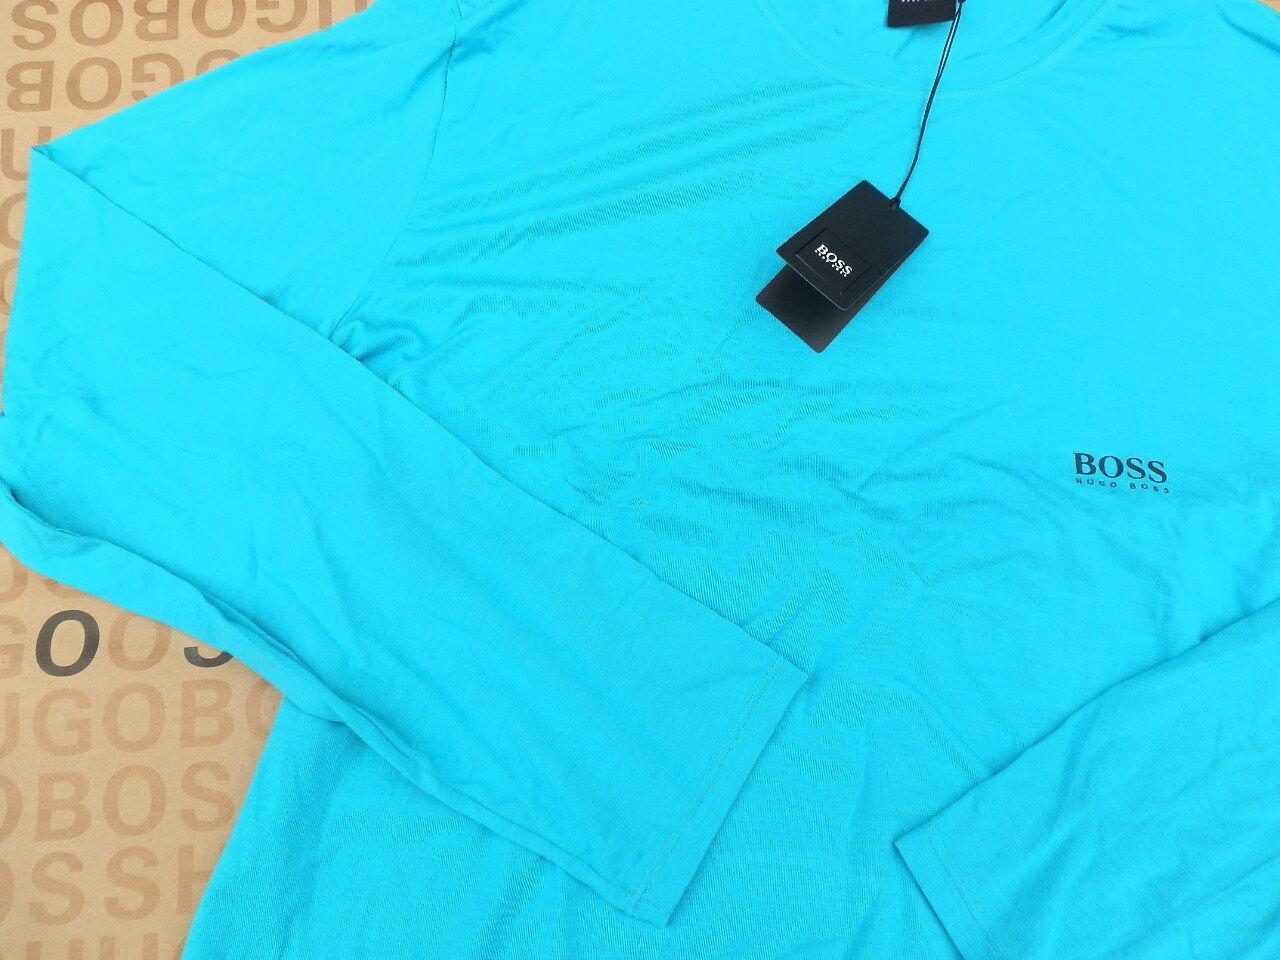 NEW HUGO BOSS BOSS BOSS MENS Blau STRETCH LOUNGE SHIRT NIGHT WEAR BAG T-SHIRT LONG SLEEVE  | Deutschland Store  ace1dc